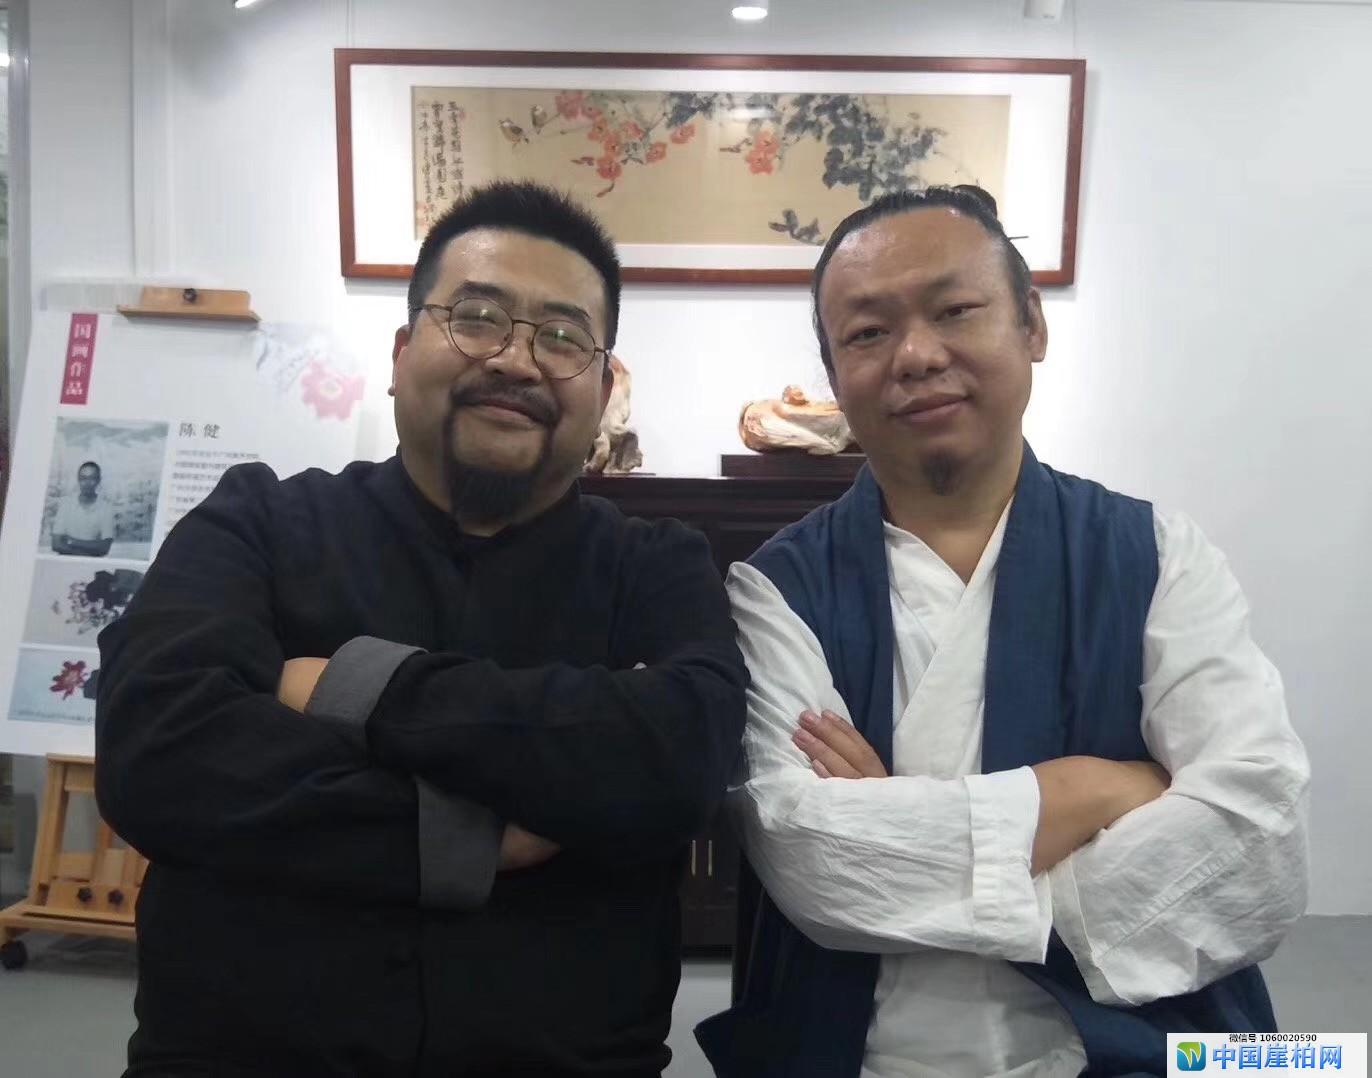 中国柏香.香伴一生/大型公益推广宣传活动